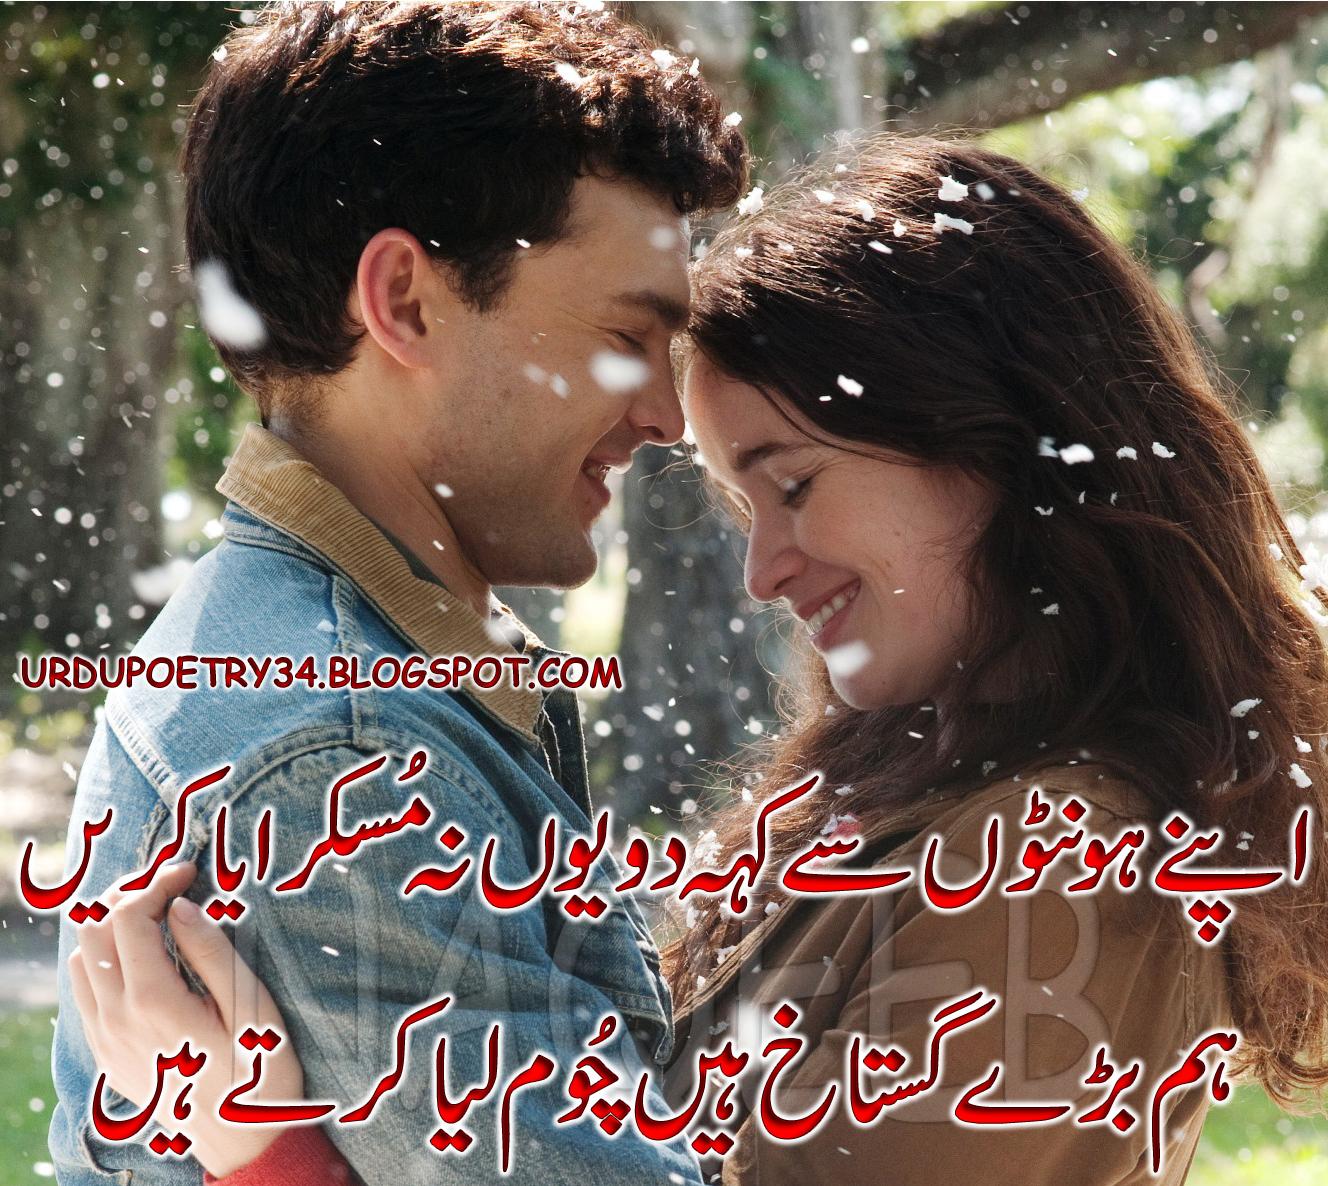 Best Dating And Love Shayari In Urdu 2019 Explorepassagescom